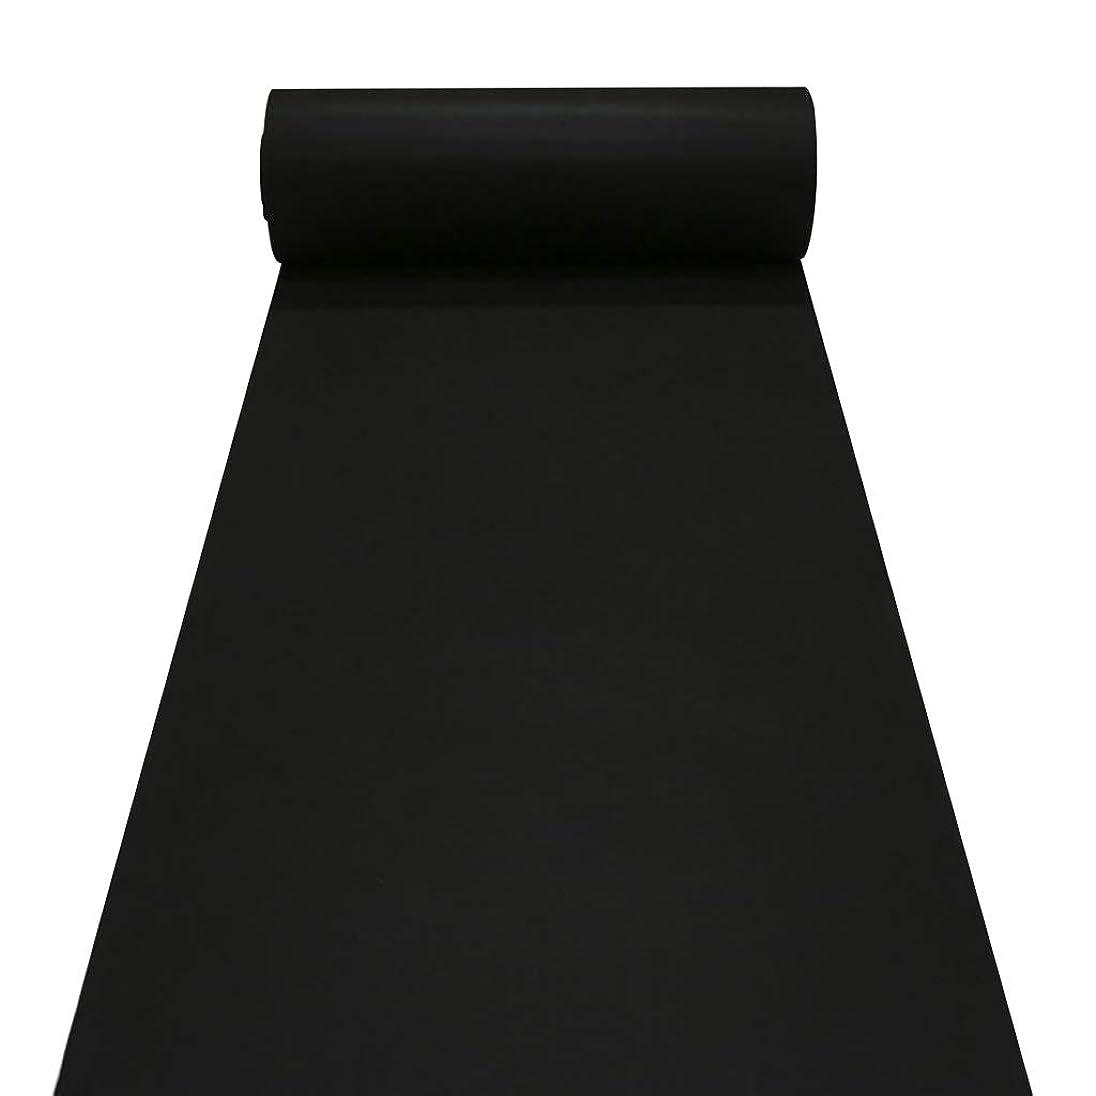 リットル農奴電子黒い通路ランナー、教会のための安いランナーの敷物、廊下、階段、2 mm薄い結婚式のランナー両面 (色 : ブラック, サイズ : 1.2m×20m)